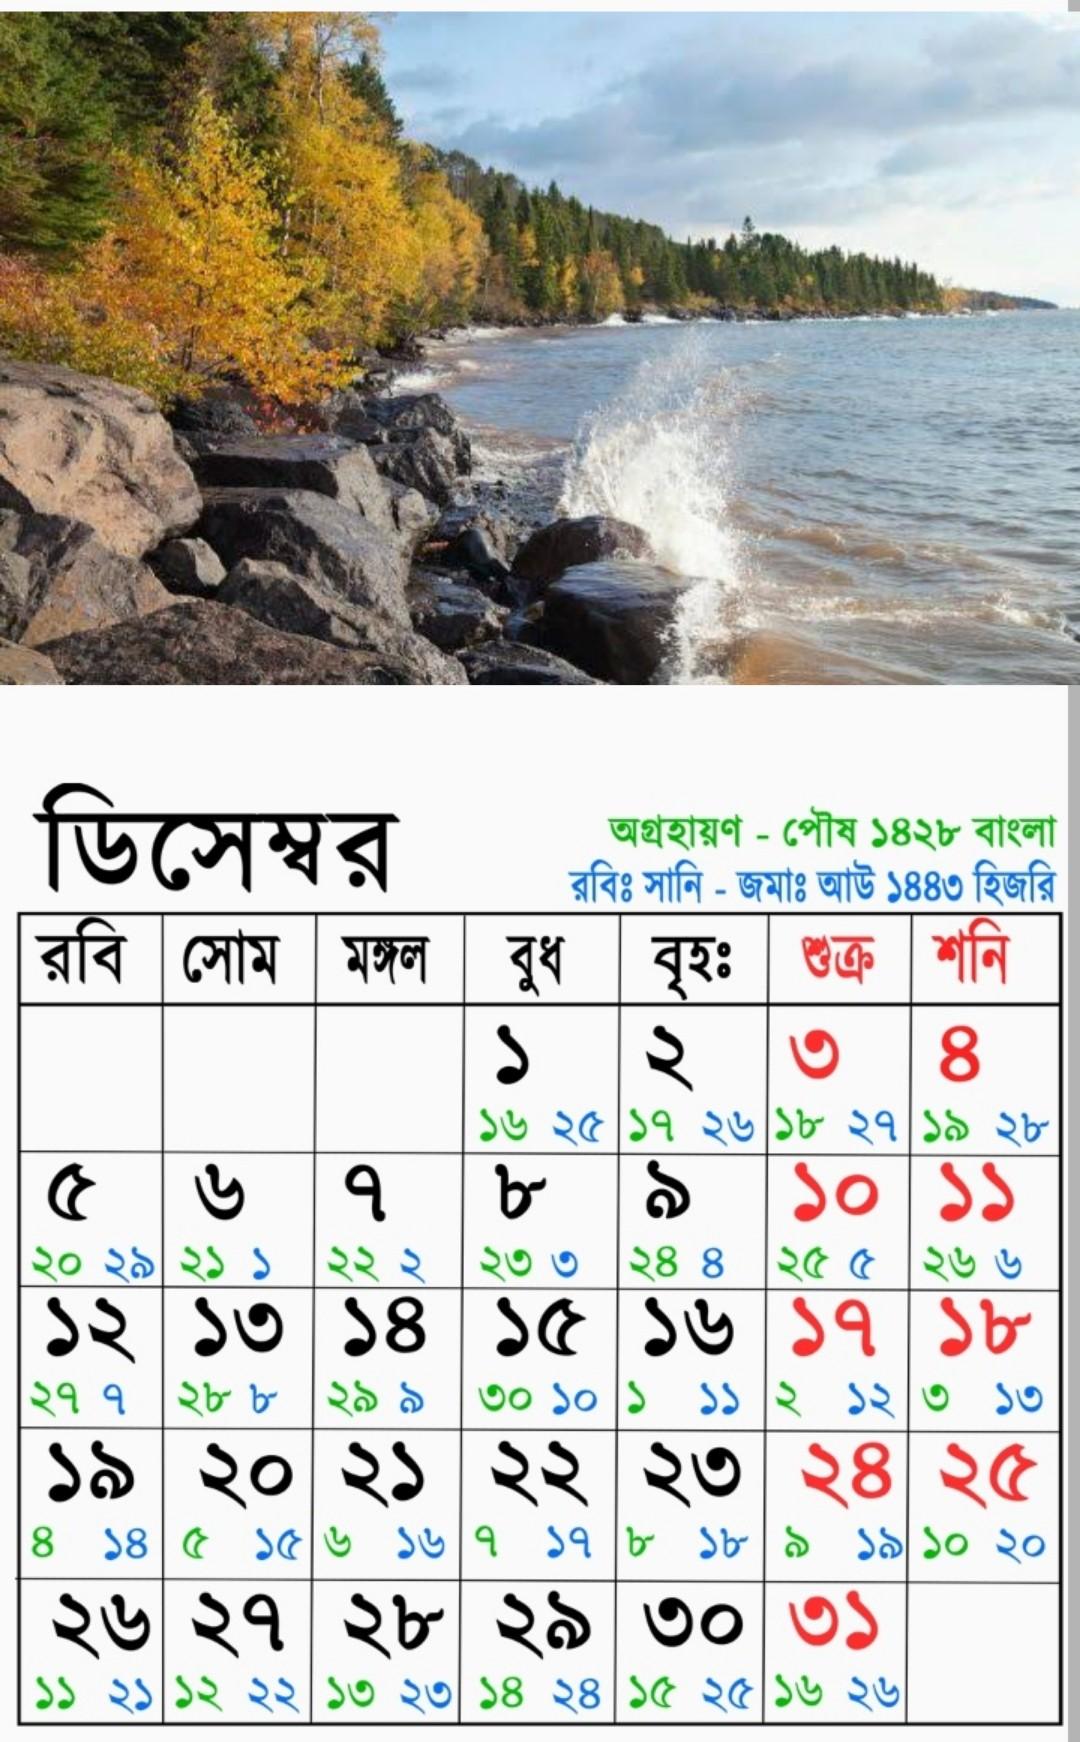 December Bangla English Arabi Calendar 2021 | ডিসেম্বর বাংলা ইংরেজি আরবি ক্যালেন্ডার ২০২১